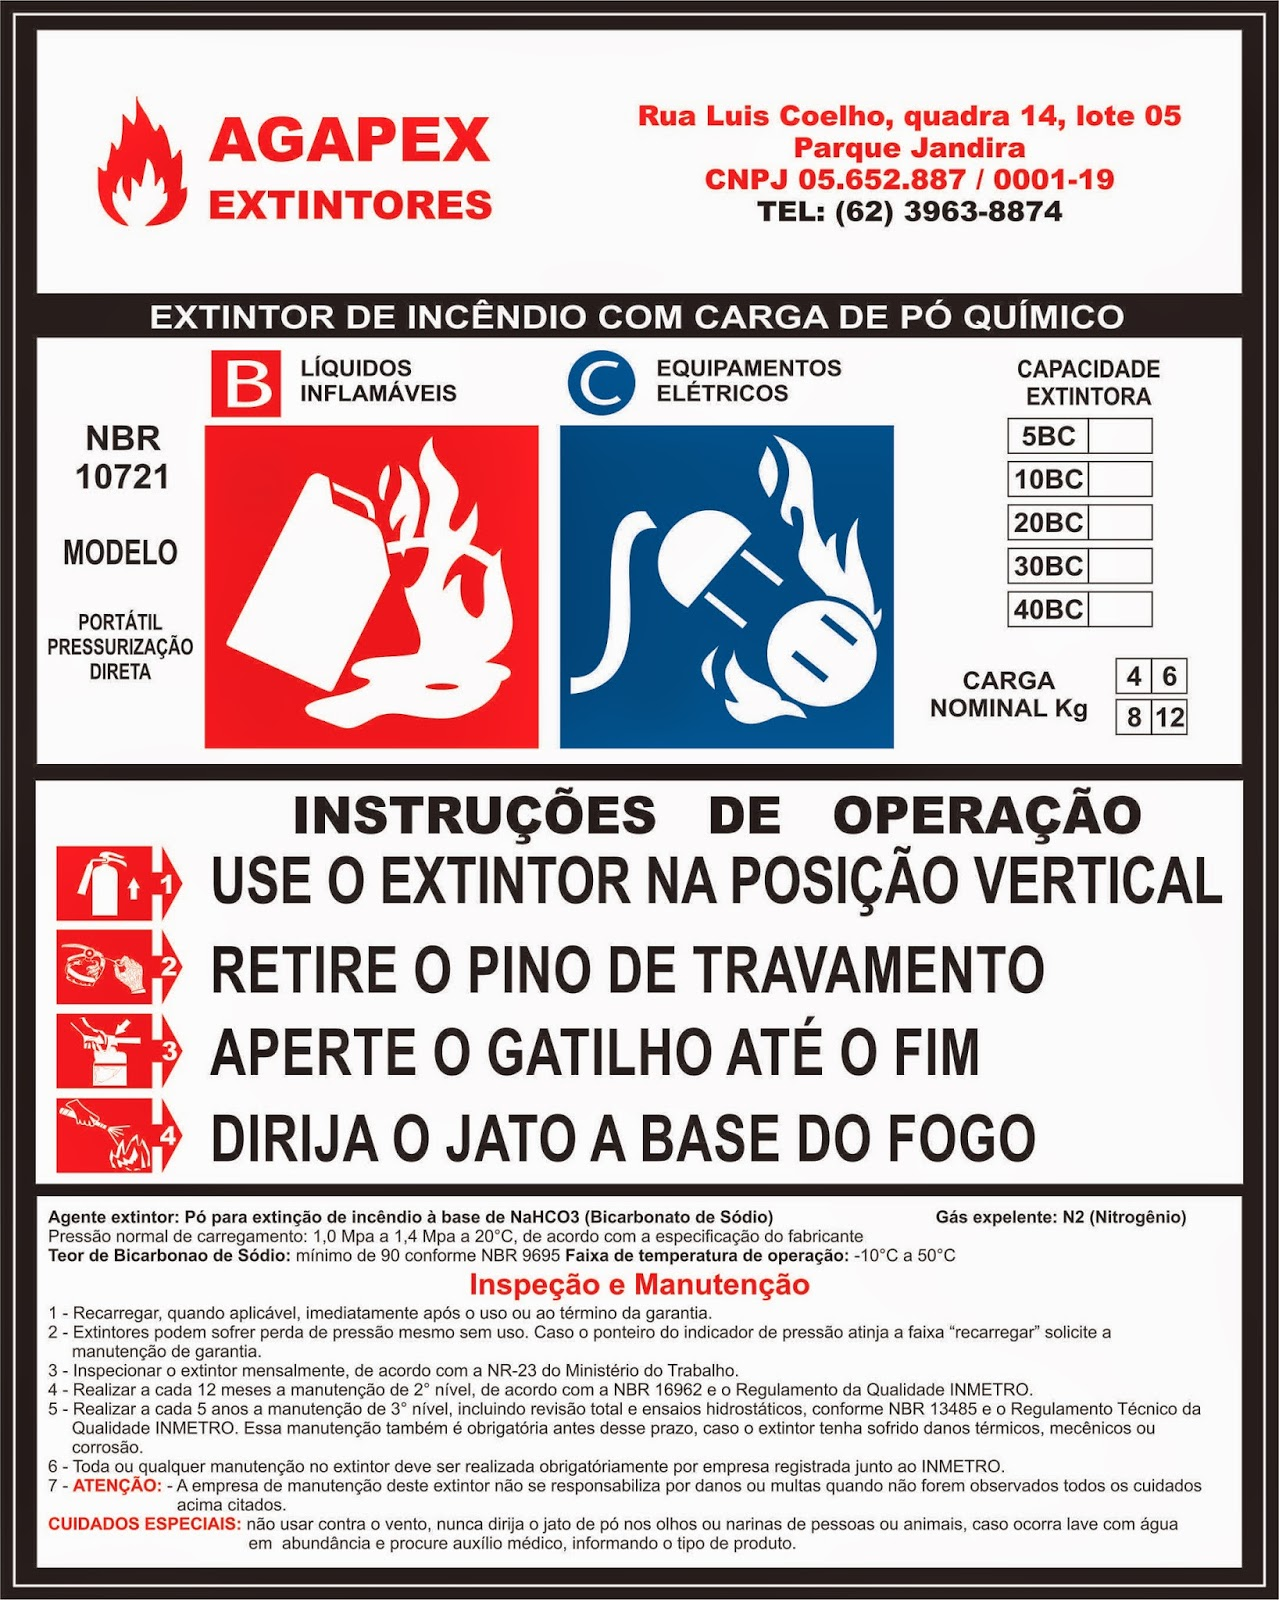 Armario Definición Rae ~ LL Design Gráfico Adesivo Extintor de Inc u00eandio LL Design LLDI